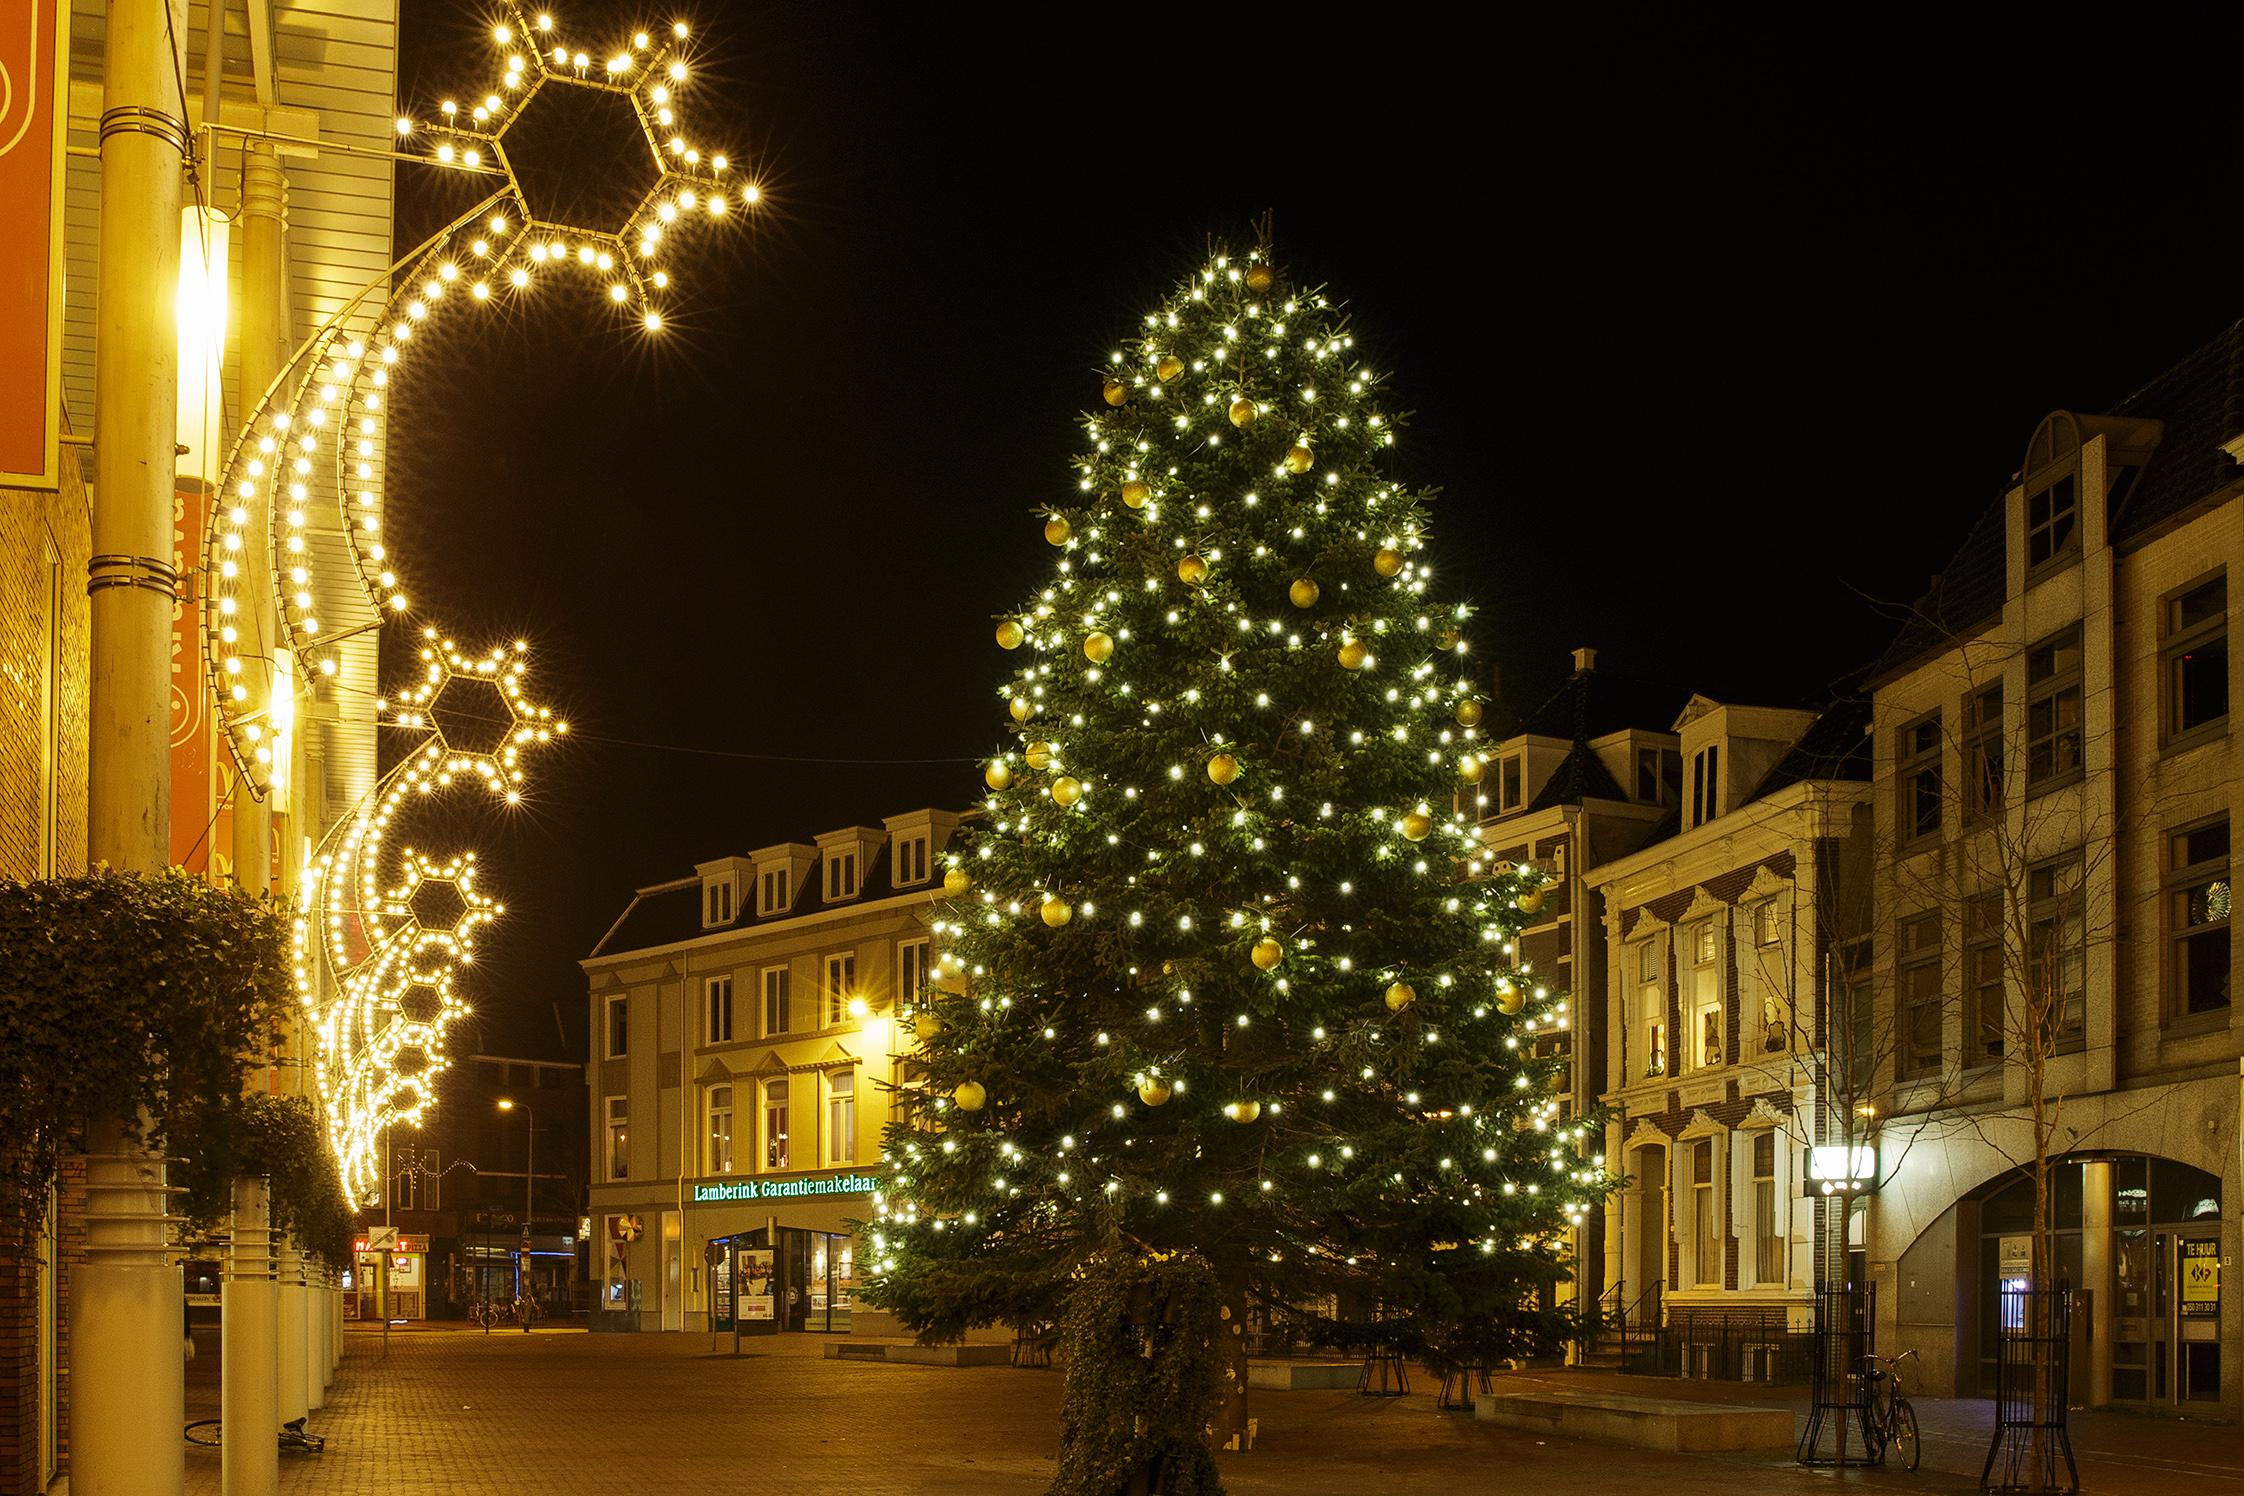 GRONINGEN / 13-12-2013 / Westerhaven, sfeerverlichting en Kerstboomverlichting geleverd door Wielsma Verlichting Leek.    / Foto: Omke Oudeman